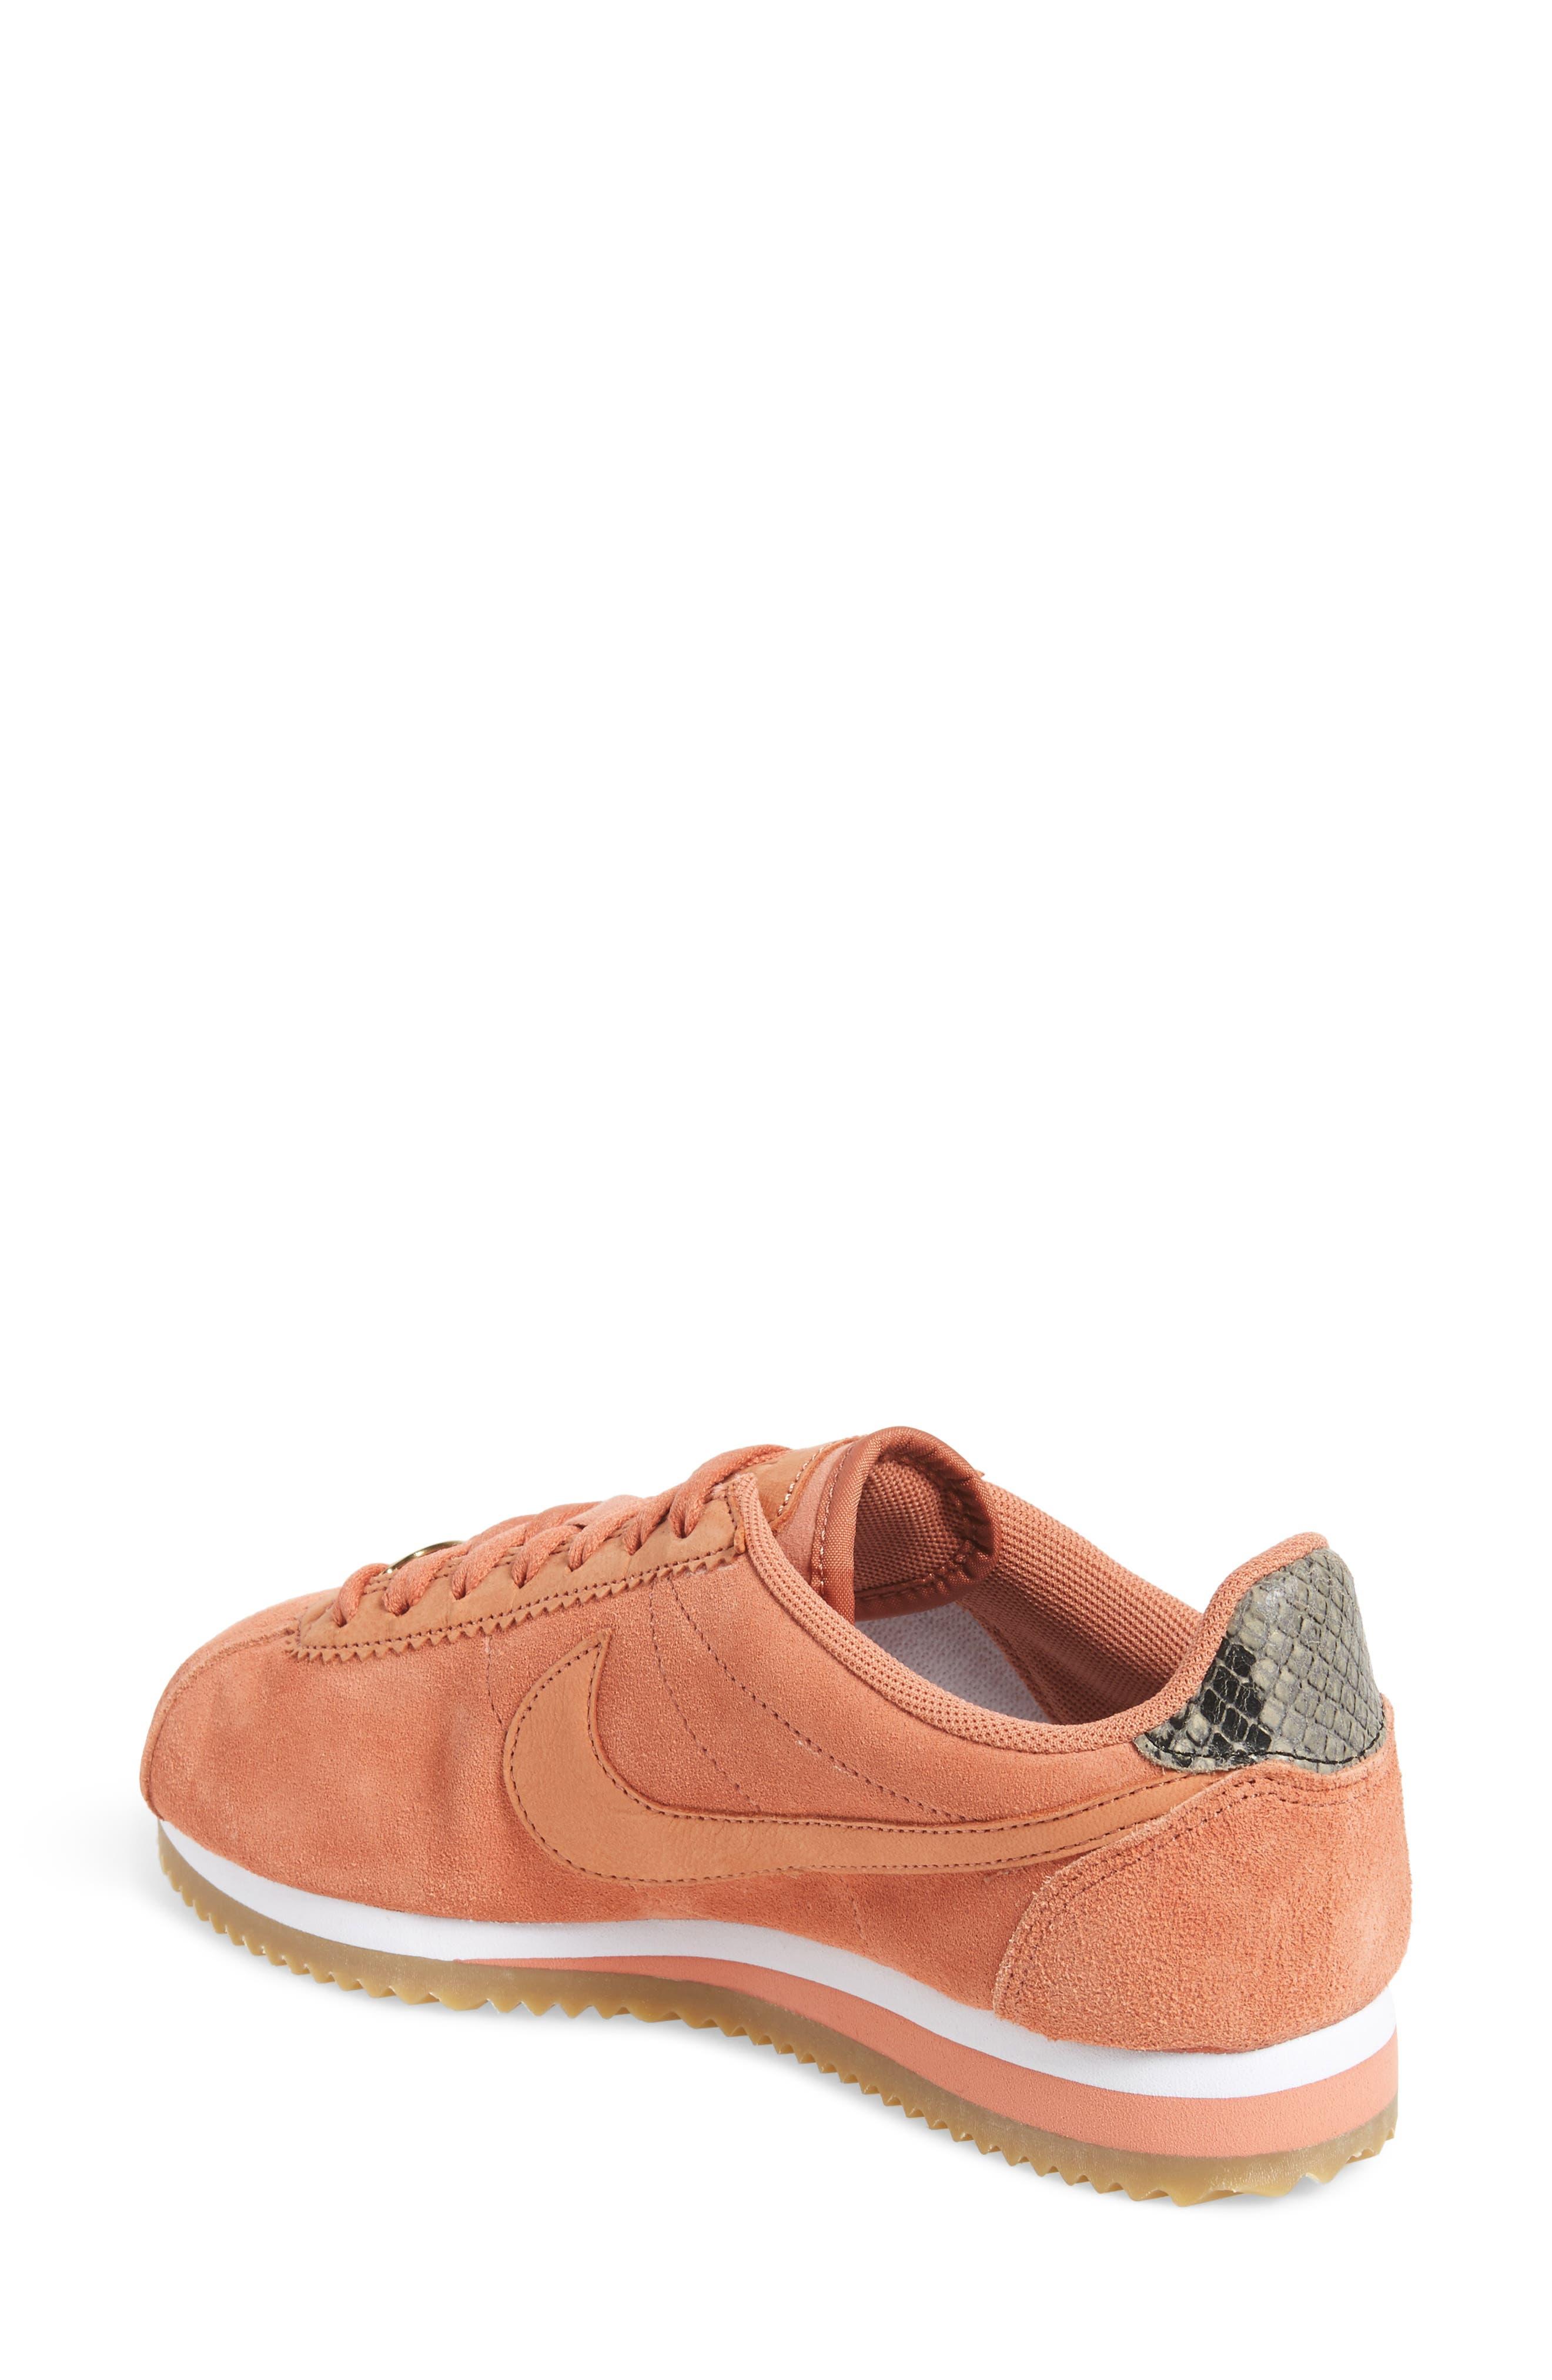 x A.L.C. Classic Cortez Sneaker,                             Alternate thumbnail 9, color,